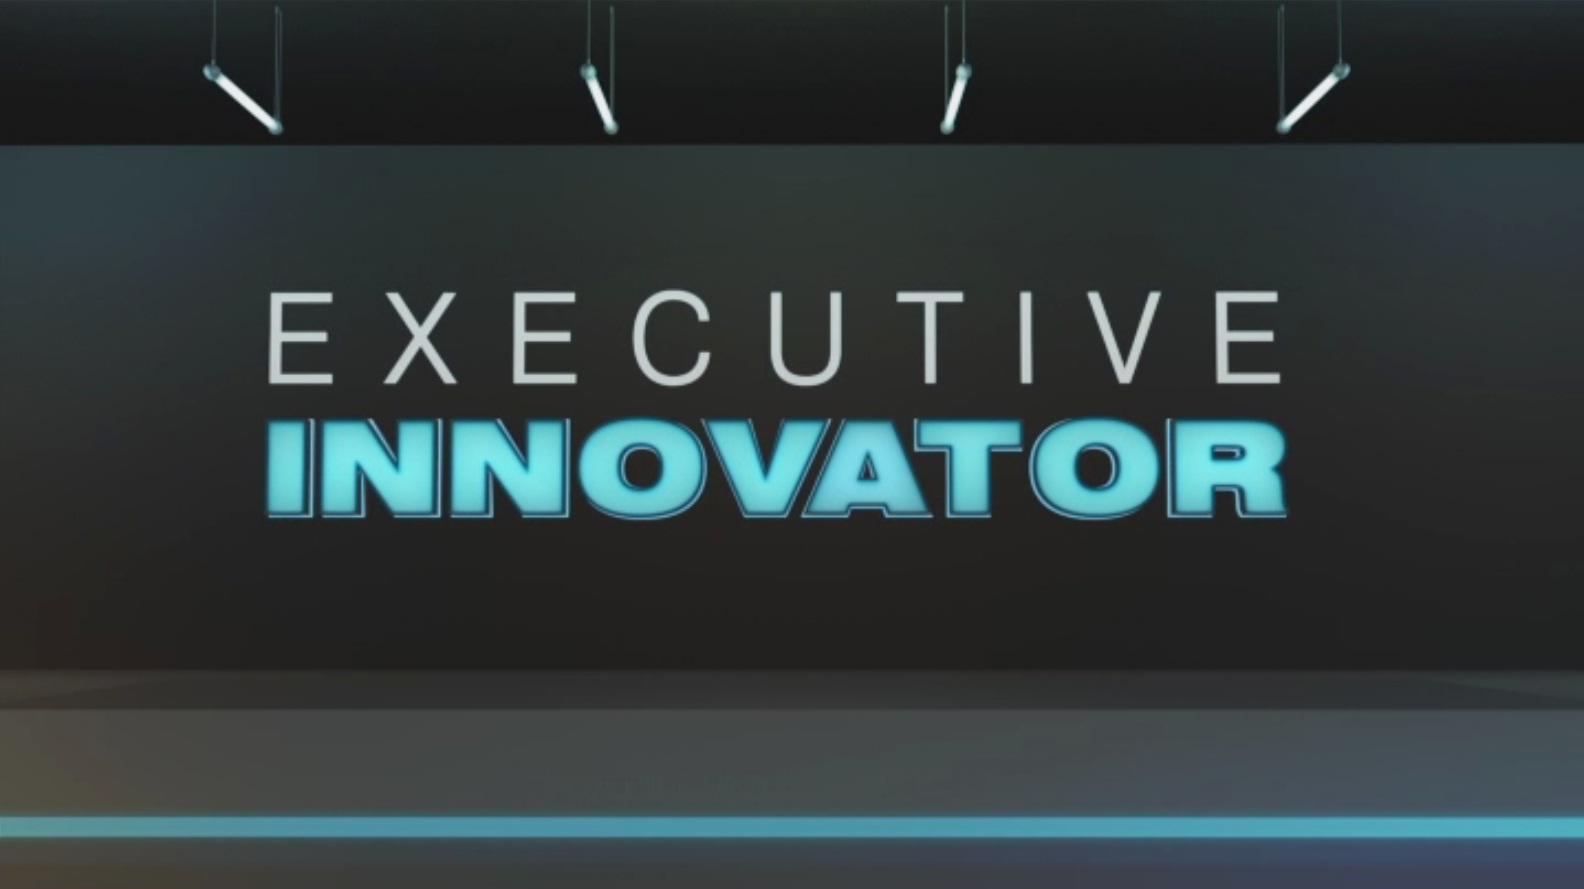 限界を超えて新しいアイディアに挑むビジネスリーダーを特集する「EXECUTIVE INNOVATOR」放送中!WEBでも配信!